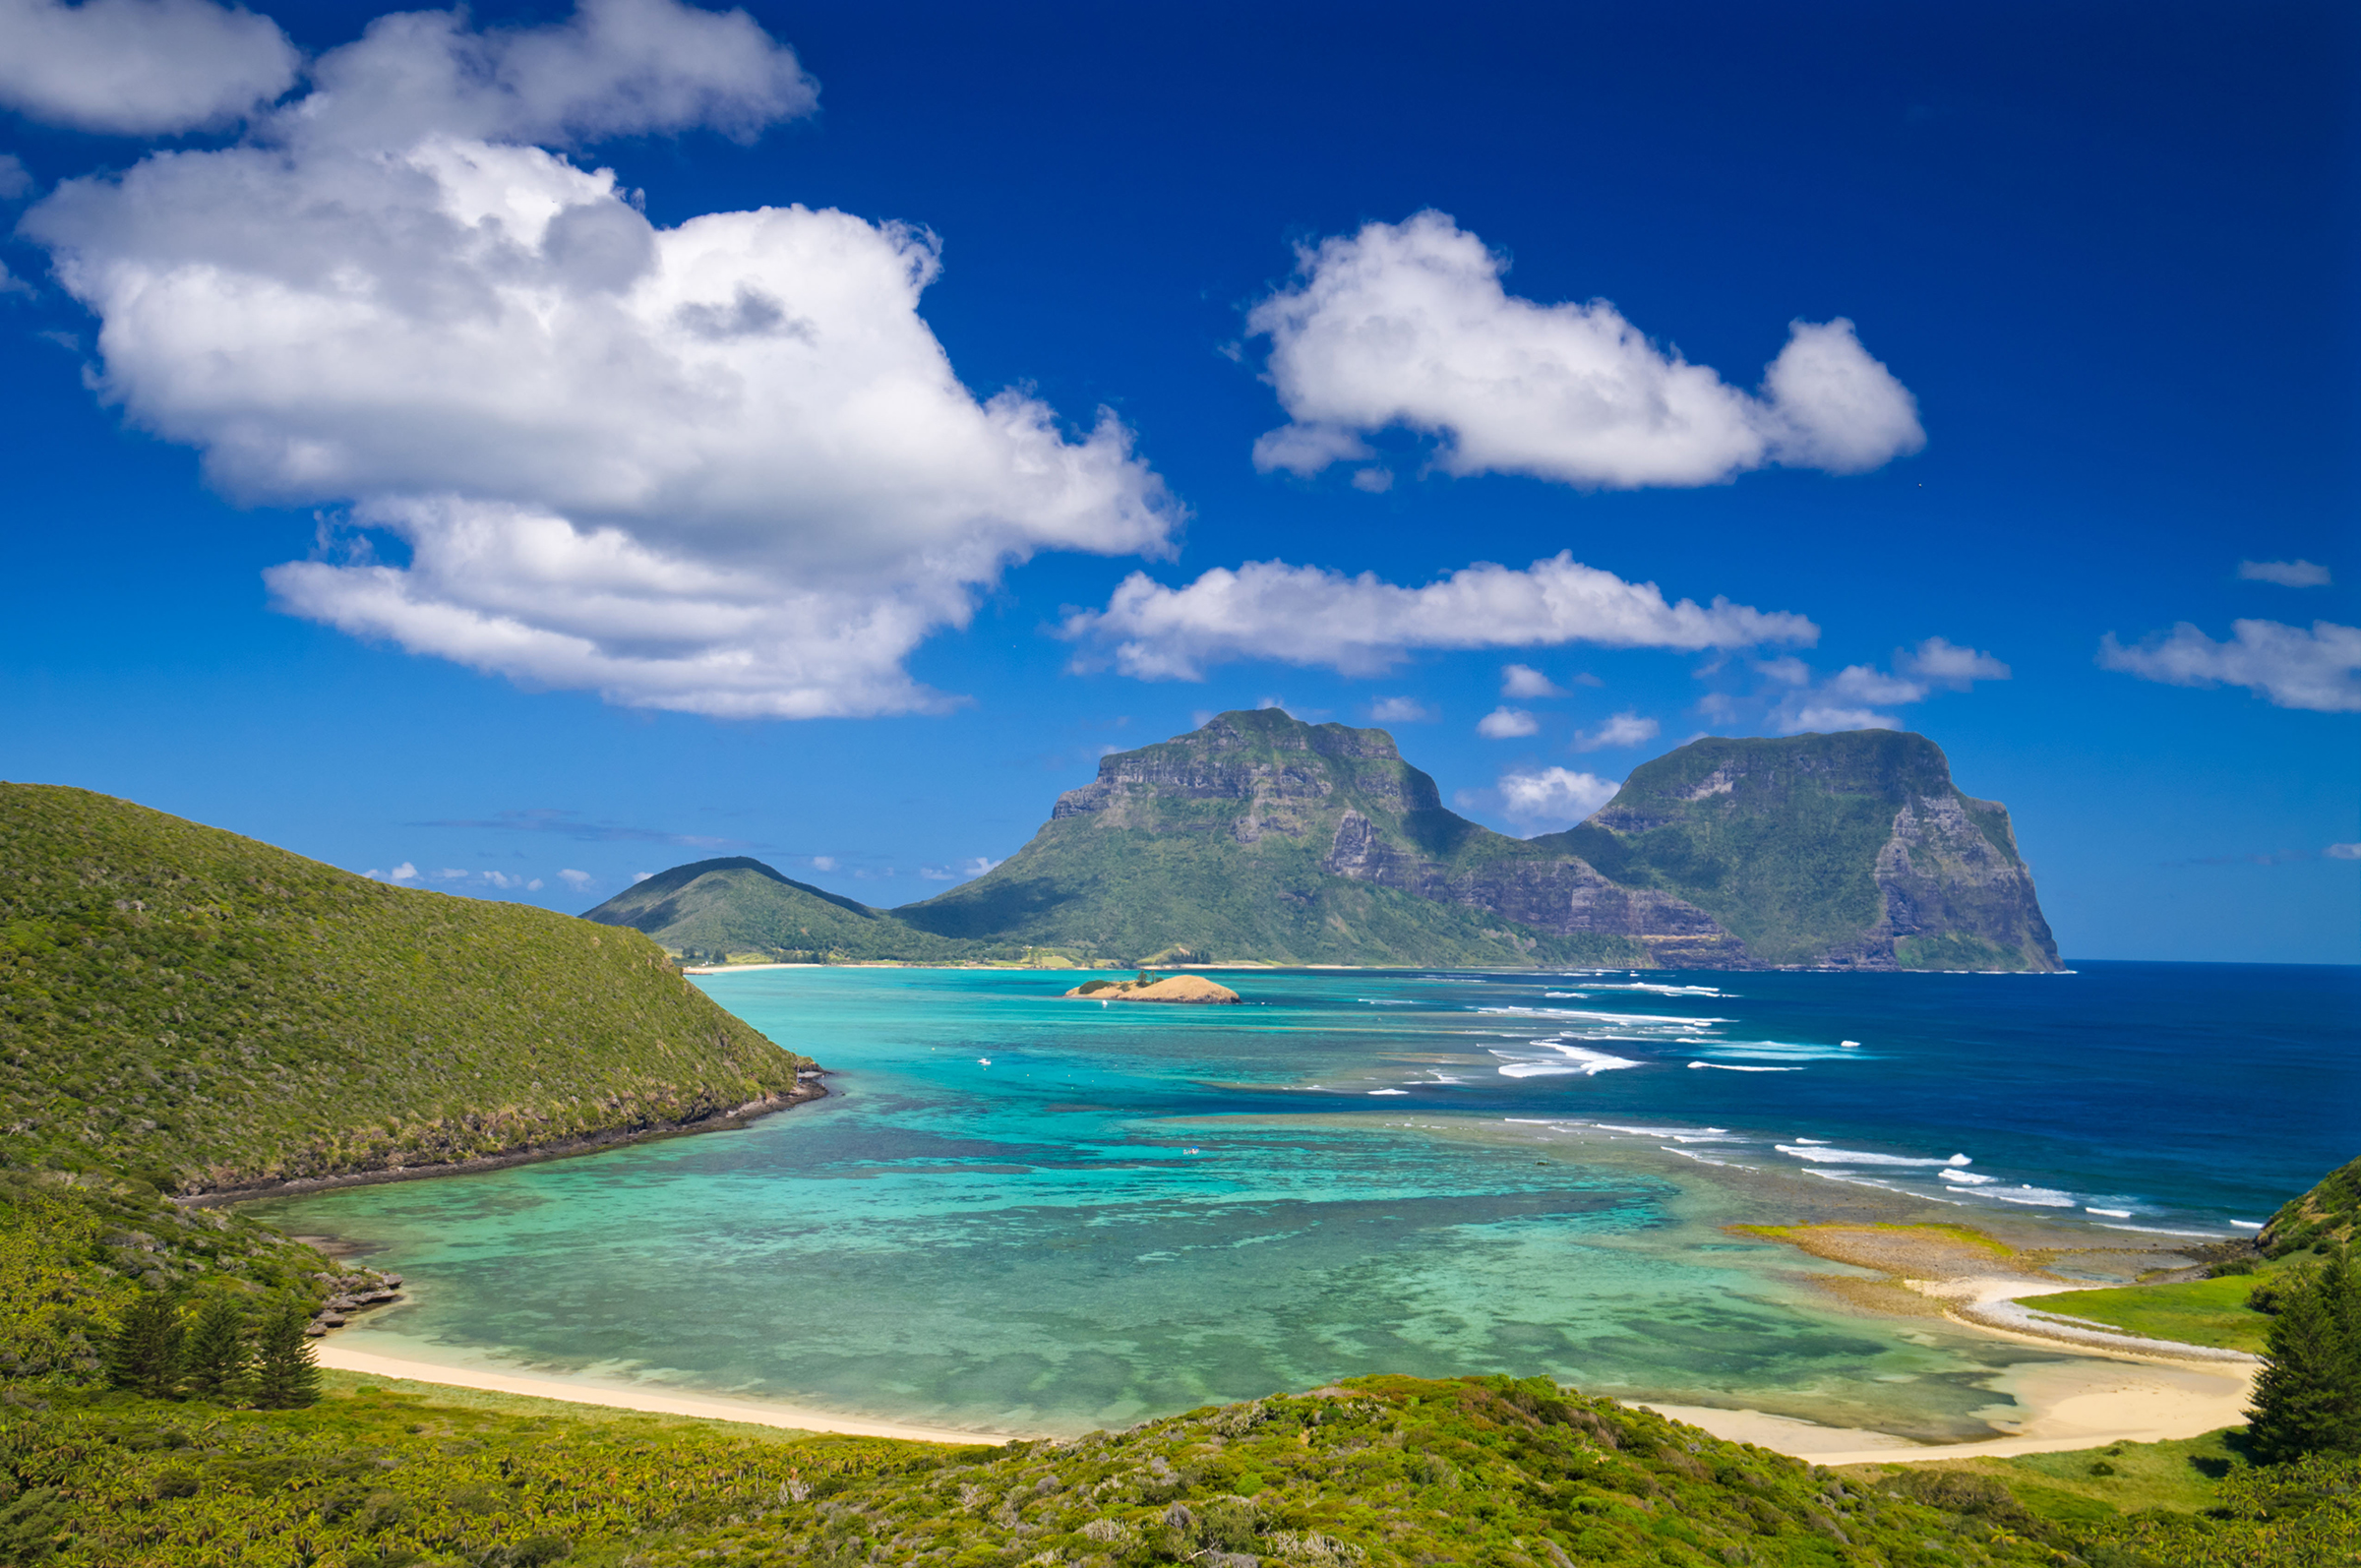 Il meglio per azione e avventura Lord Howe Island Australia